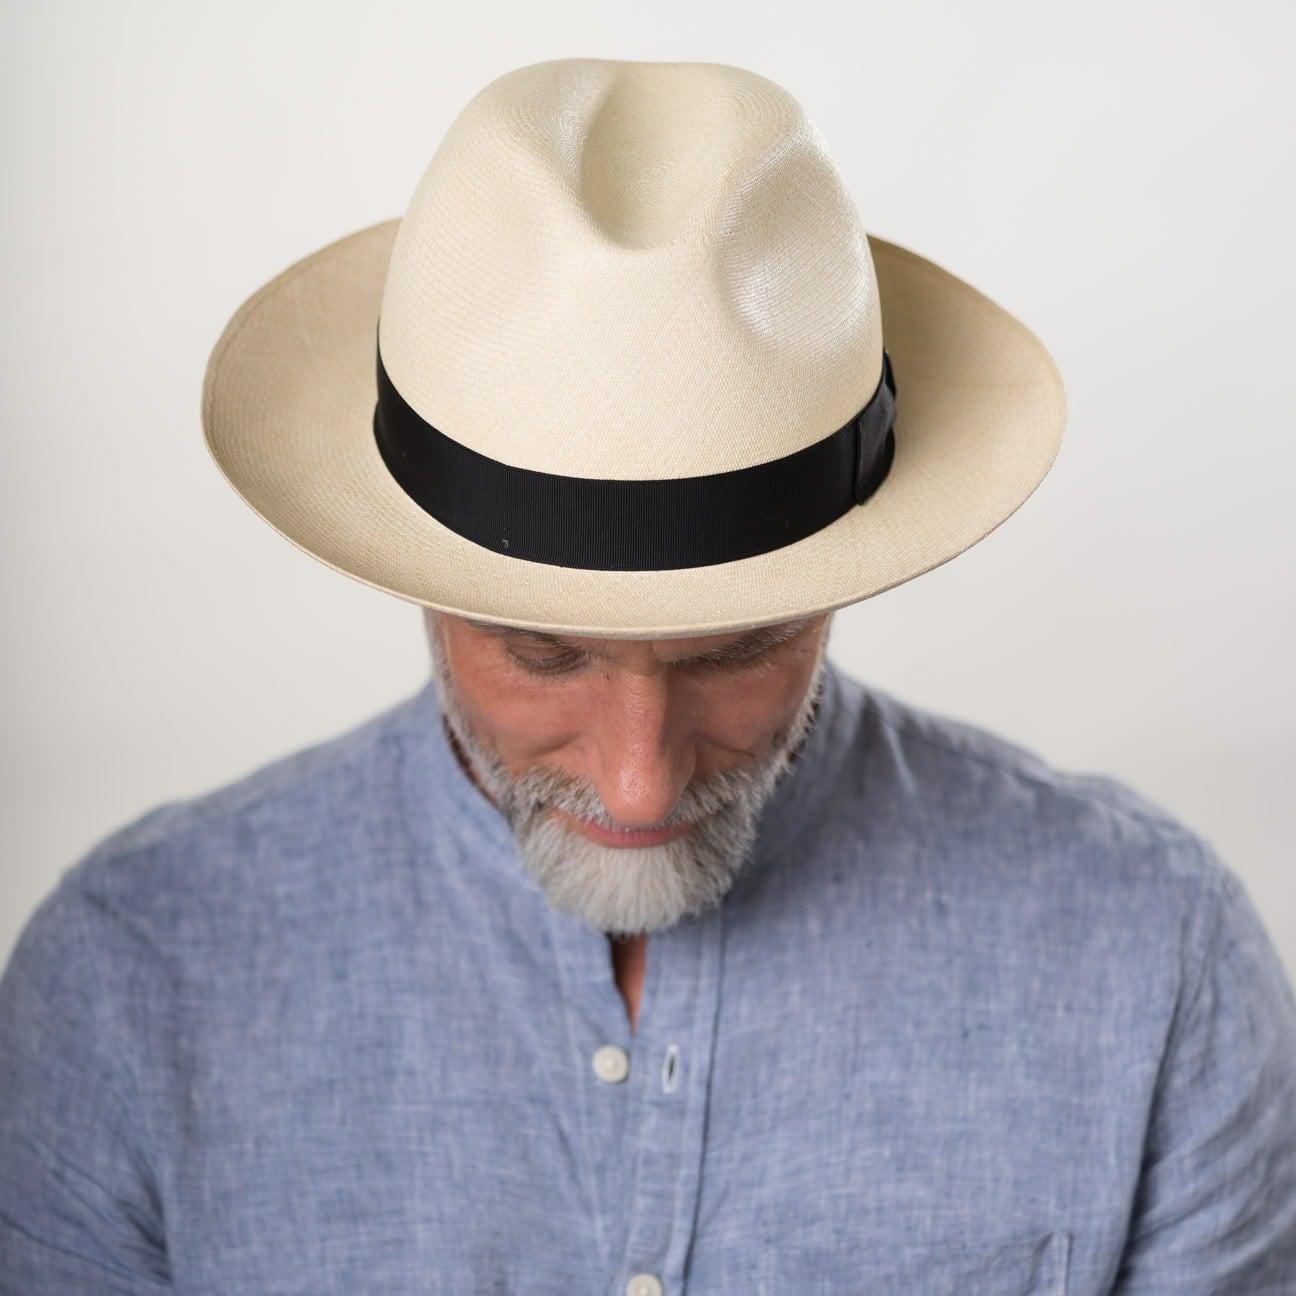 ... Cappello Panama Prestige Bogart by Borsalino - natura 6 ... 932df5659cf5